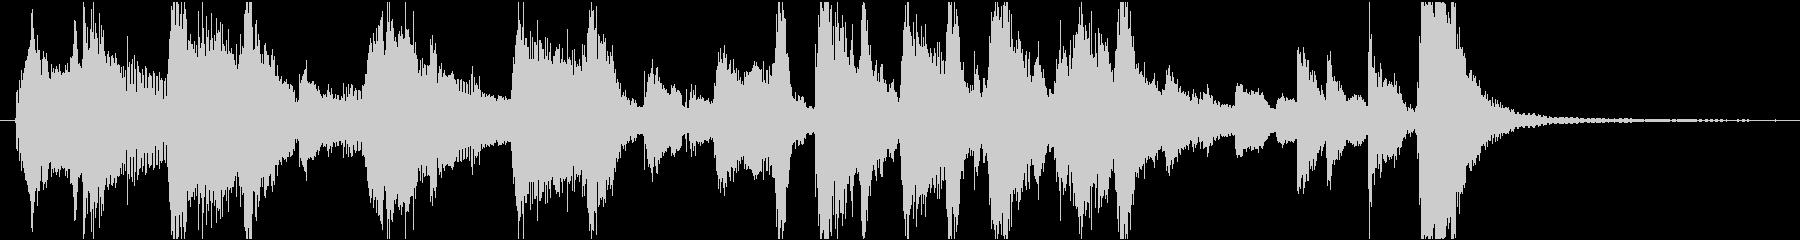 ノリノリなジャズジングルの未再生の波形